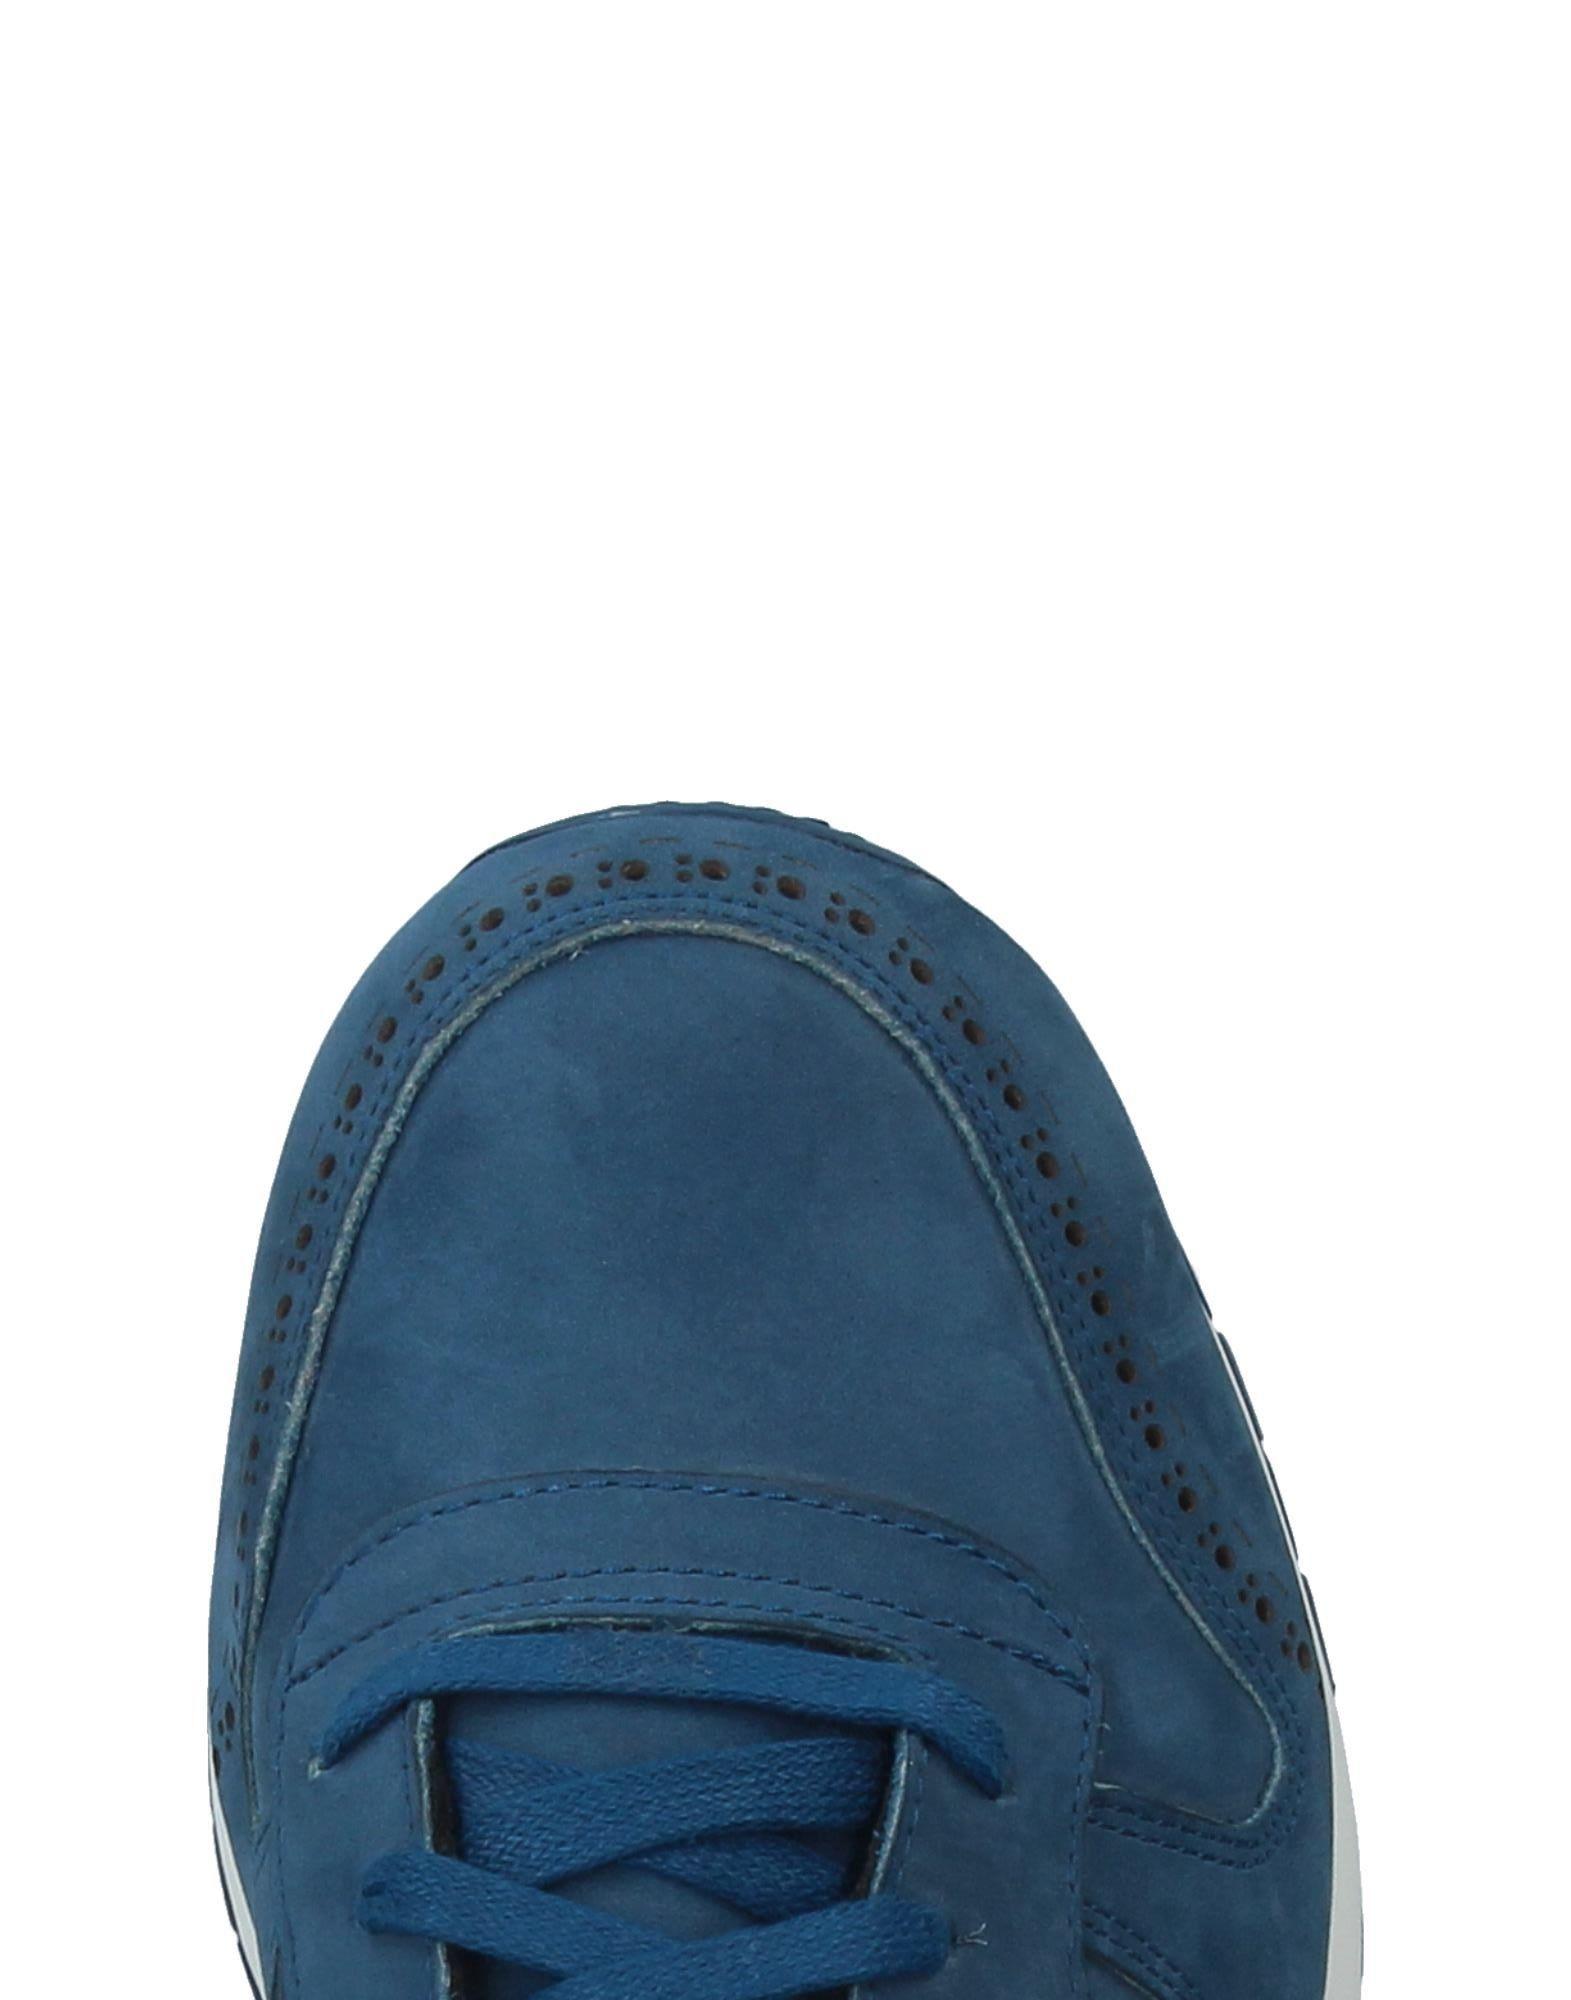 Rabatt Reebok echte Schuhe Reebok Rabatt Sneakers Herren  11266790CV 71c8c1